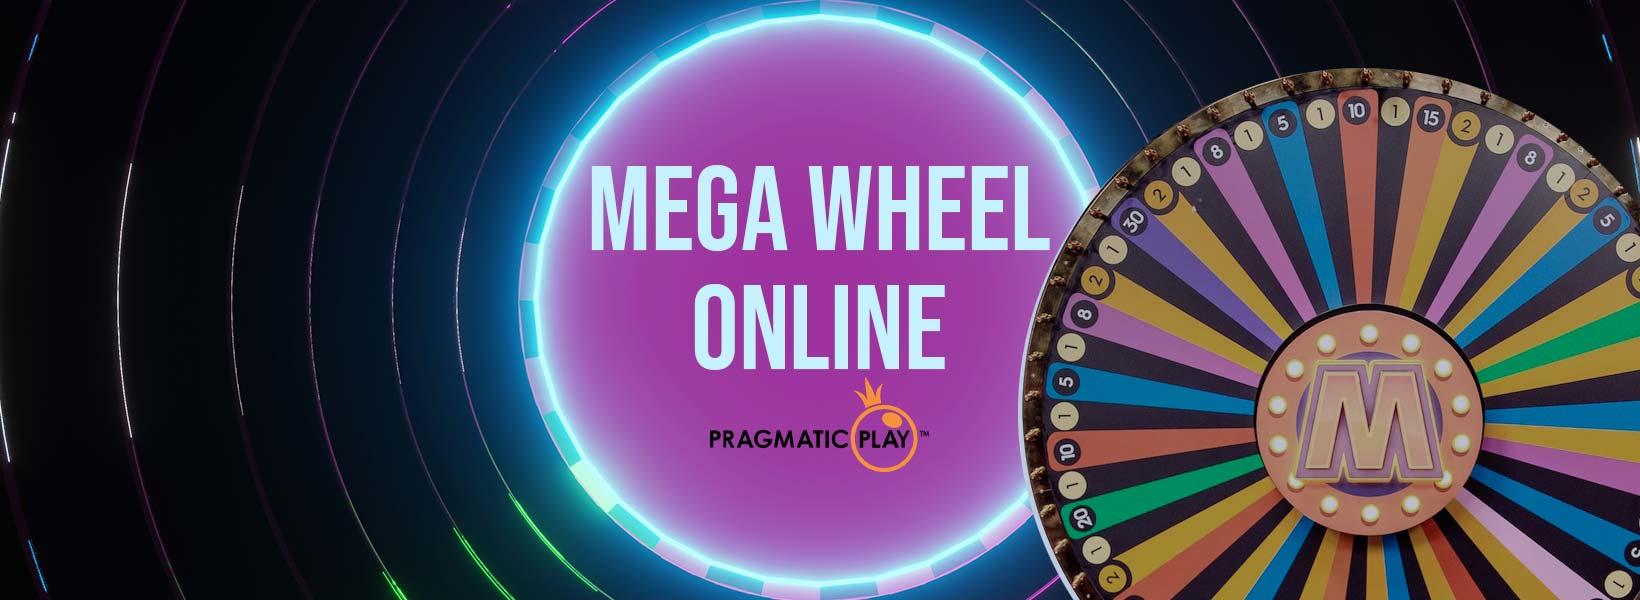 Mega Wheel online